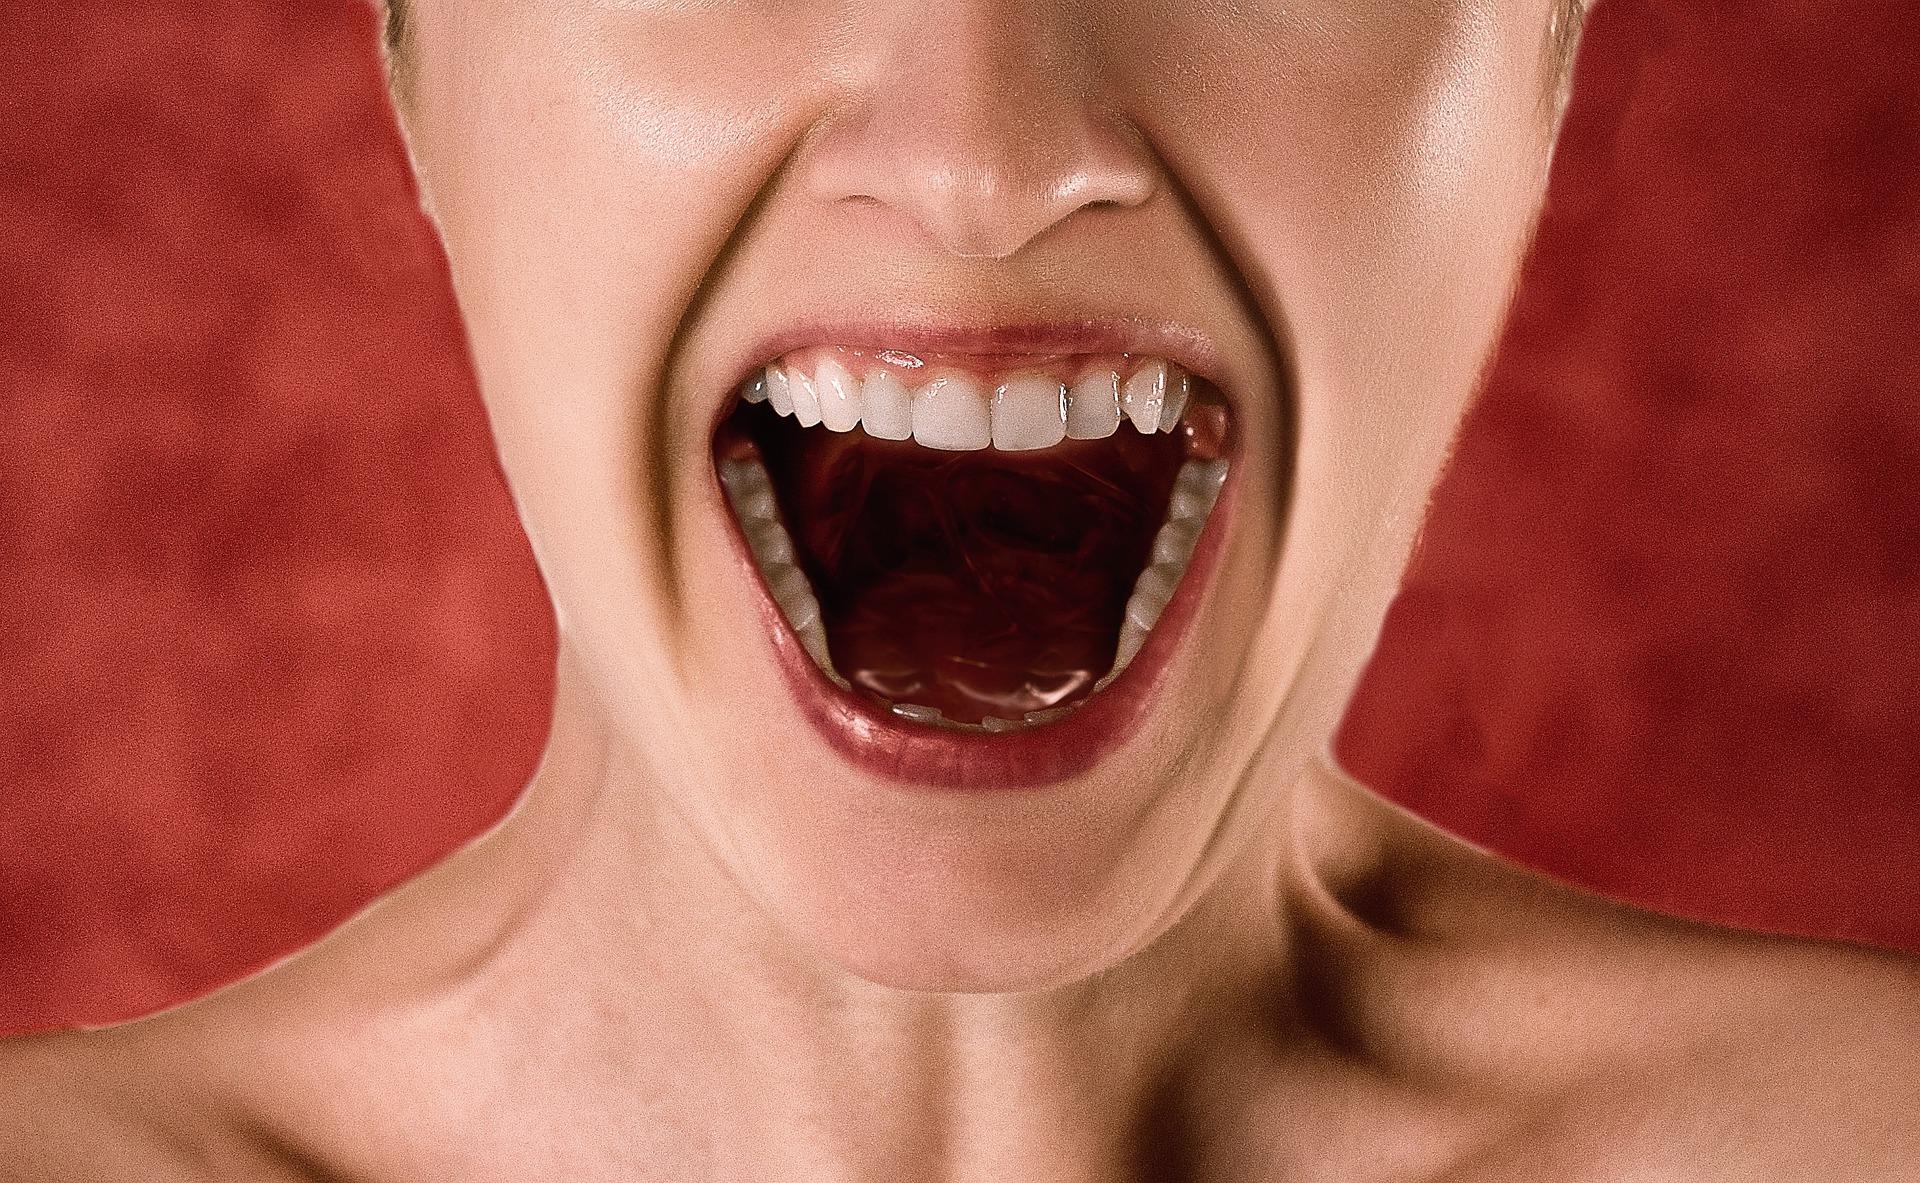 Schreiende Frau, die sich über unbezahlte Rechnung ärgert